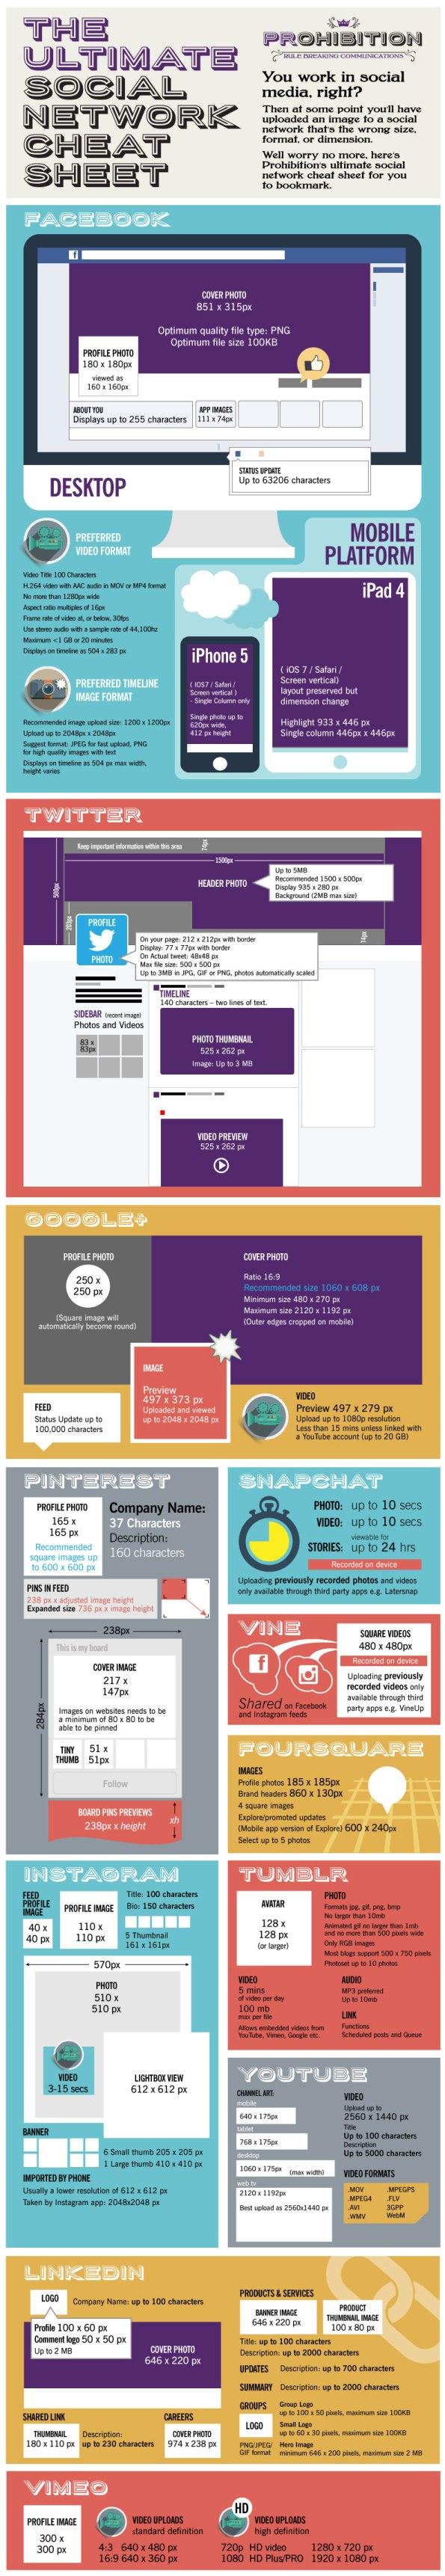 Apuntes-sobre-los-medios-de-comunicacion-social